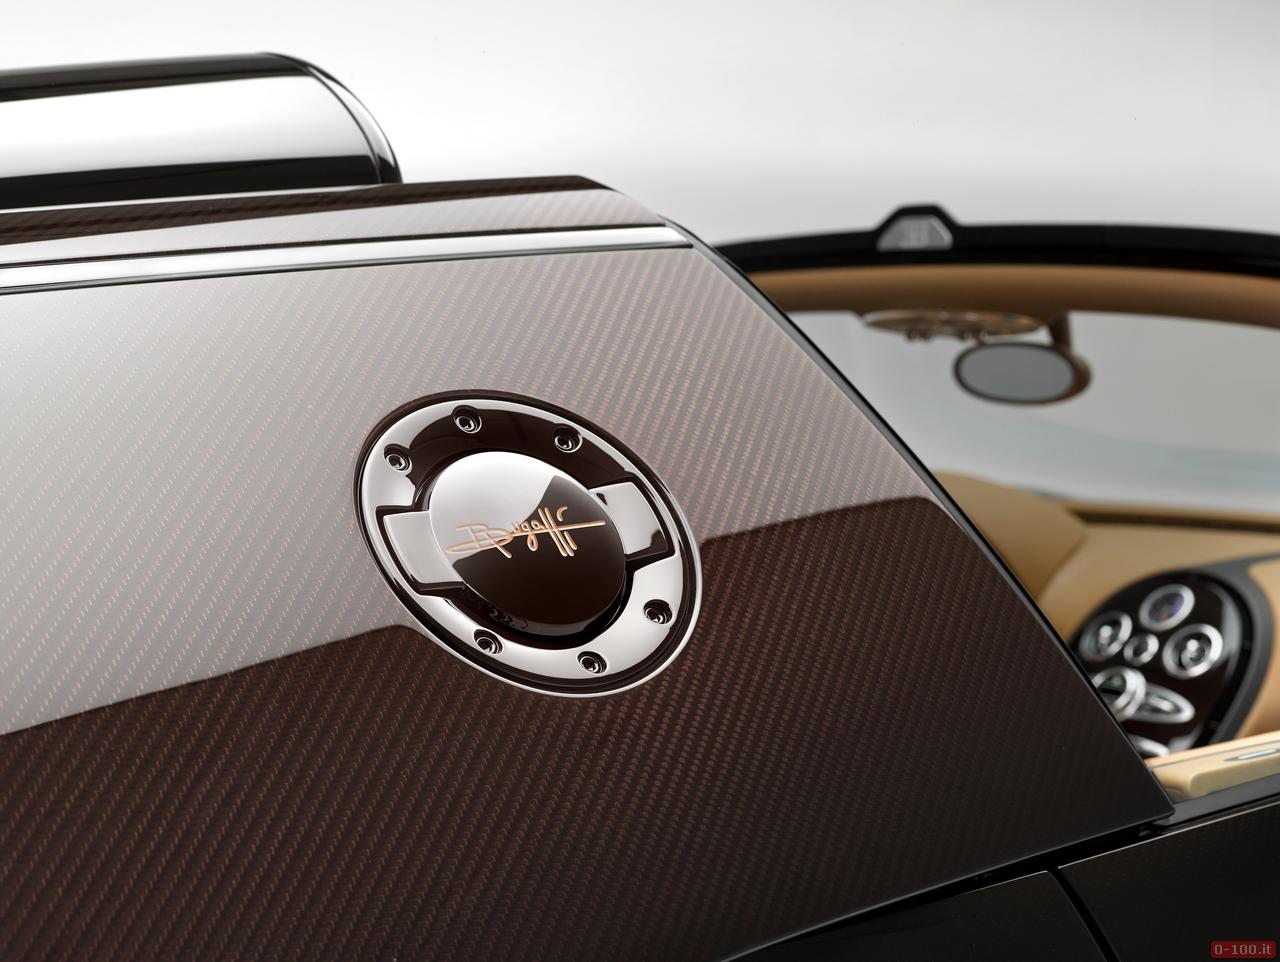 salone-di-ginevra-2014-bugatti-veyron-16-4-grand-sport-vitesse-rembrandt-les-legendes-de-bugatti-prezzo-price_0-1007